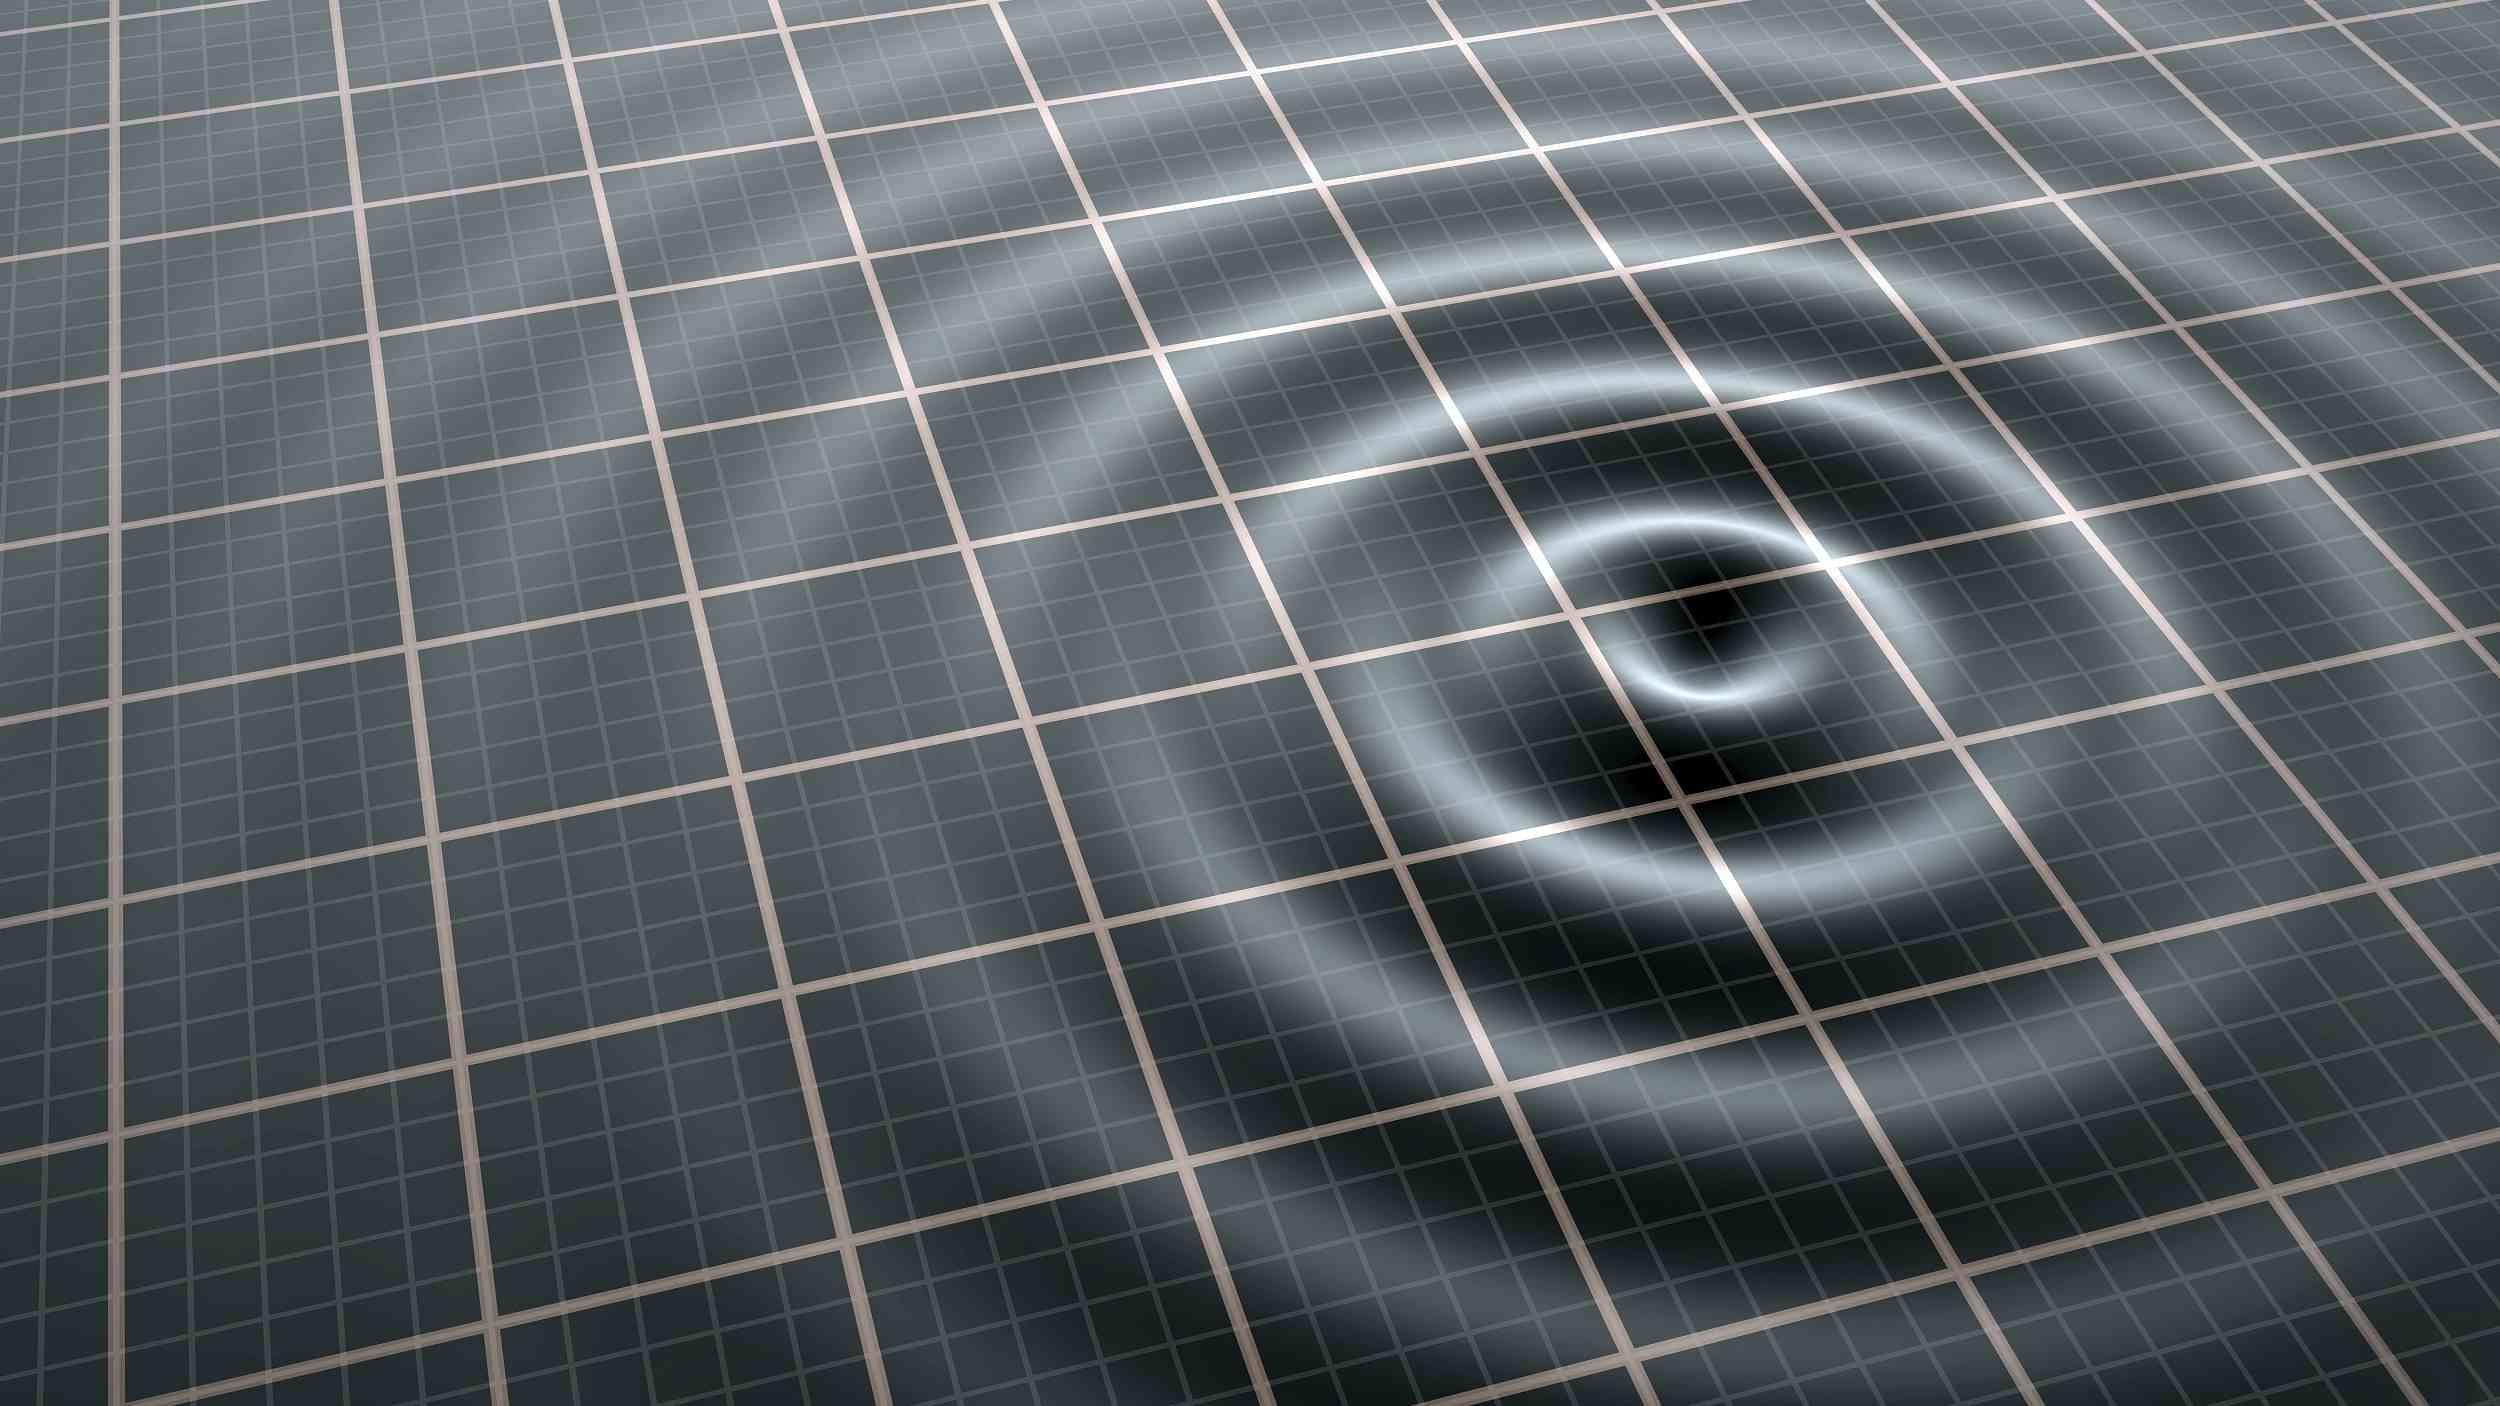 4.5 magnitude earthquake hits Tuscany, no victims